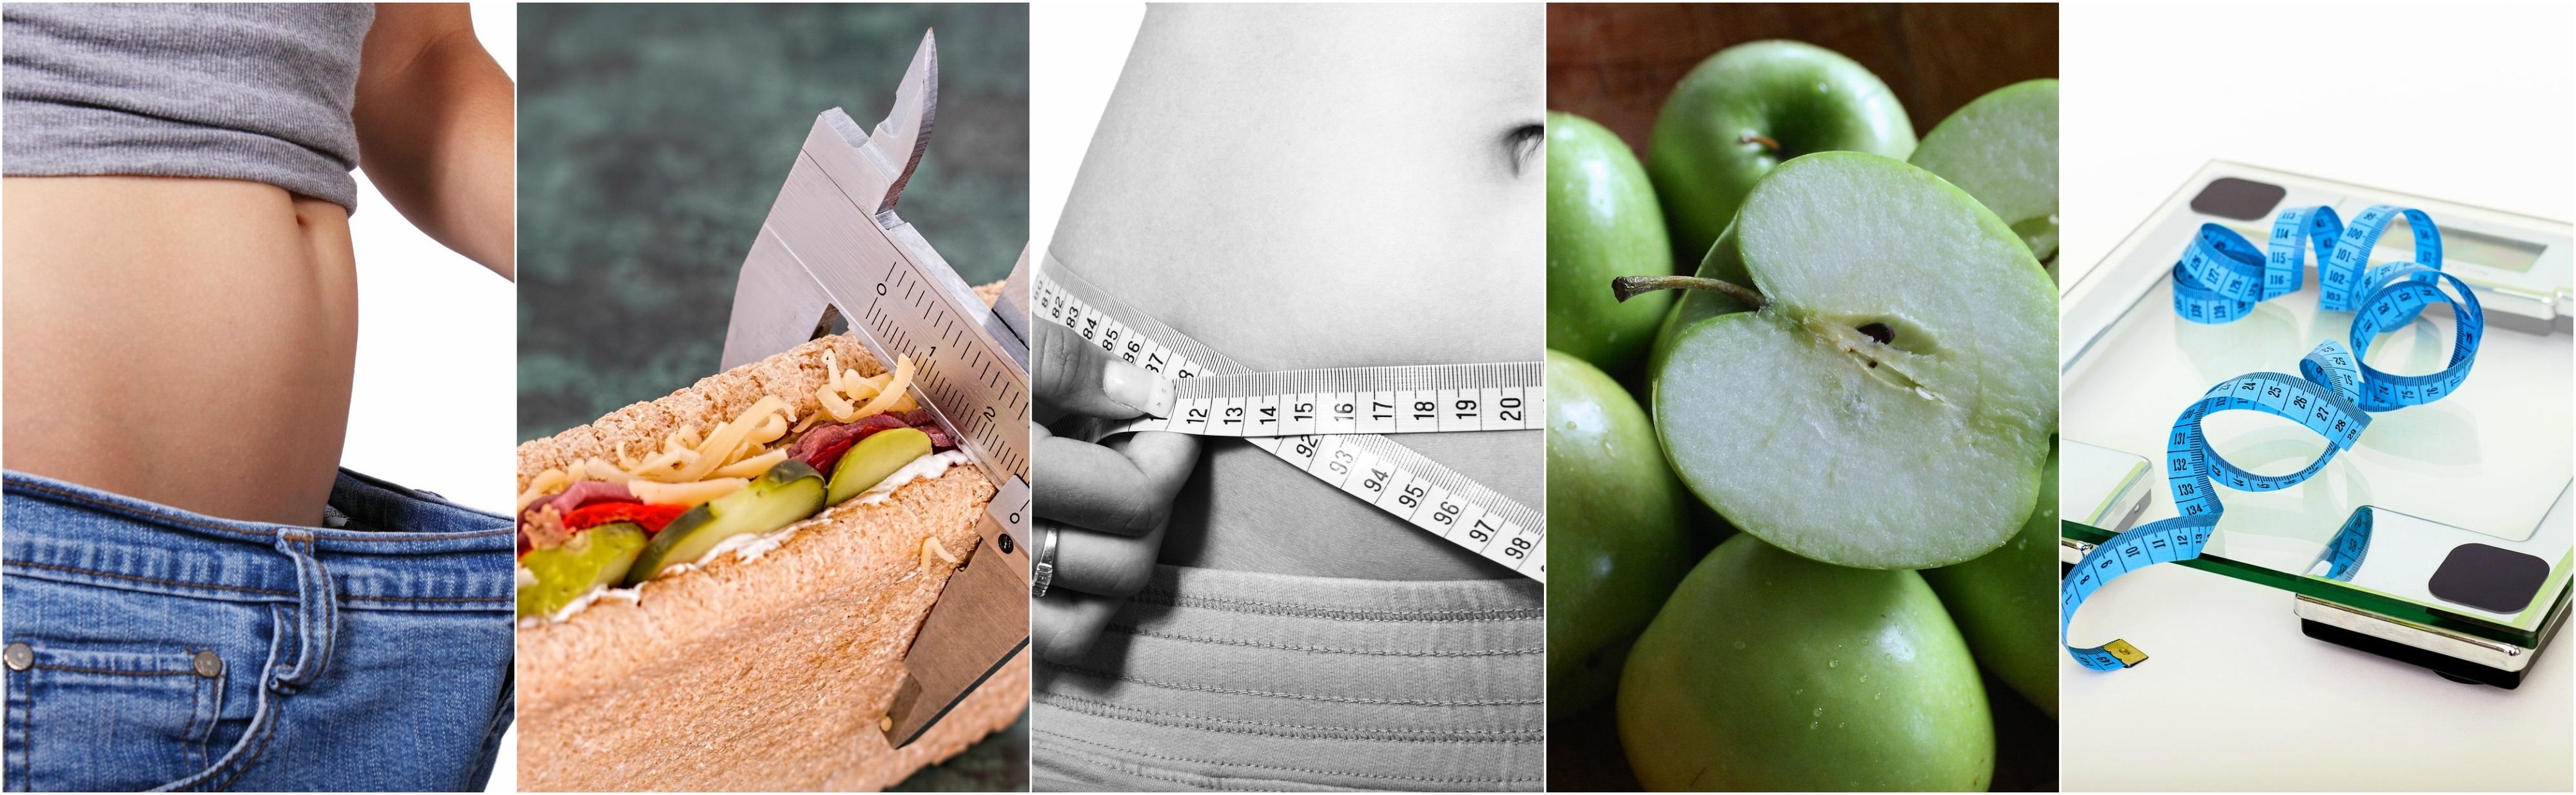 diet-1504822